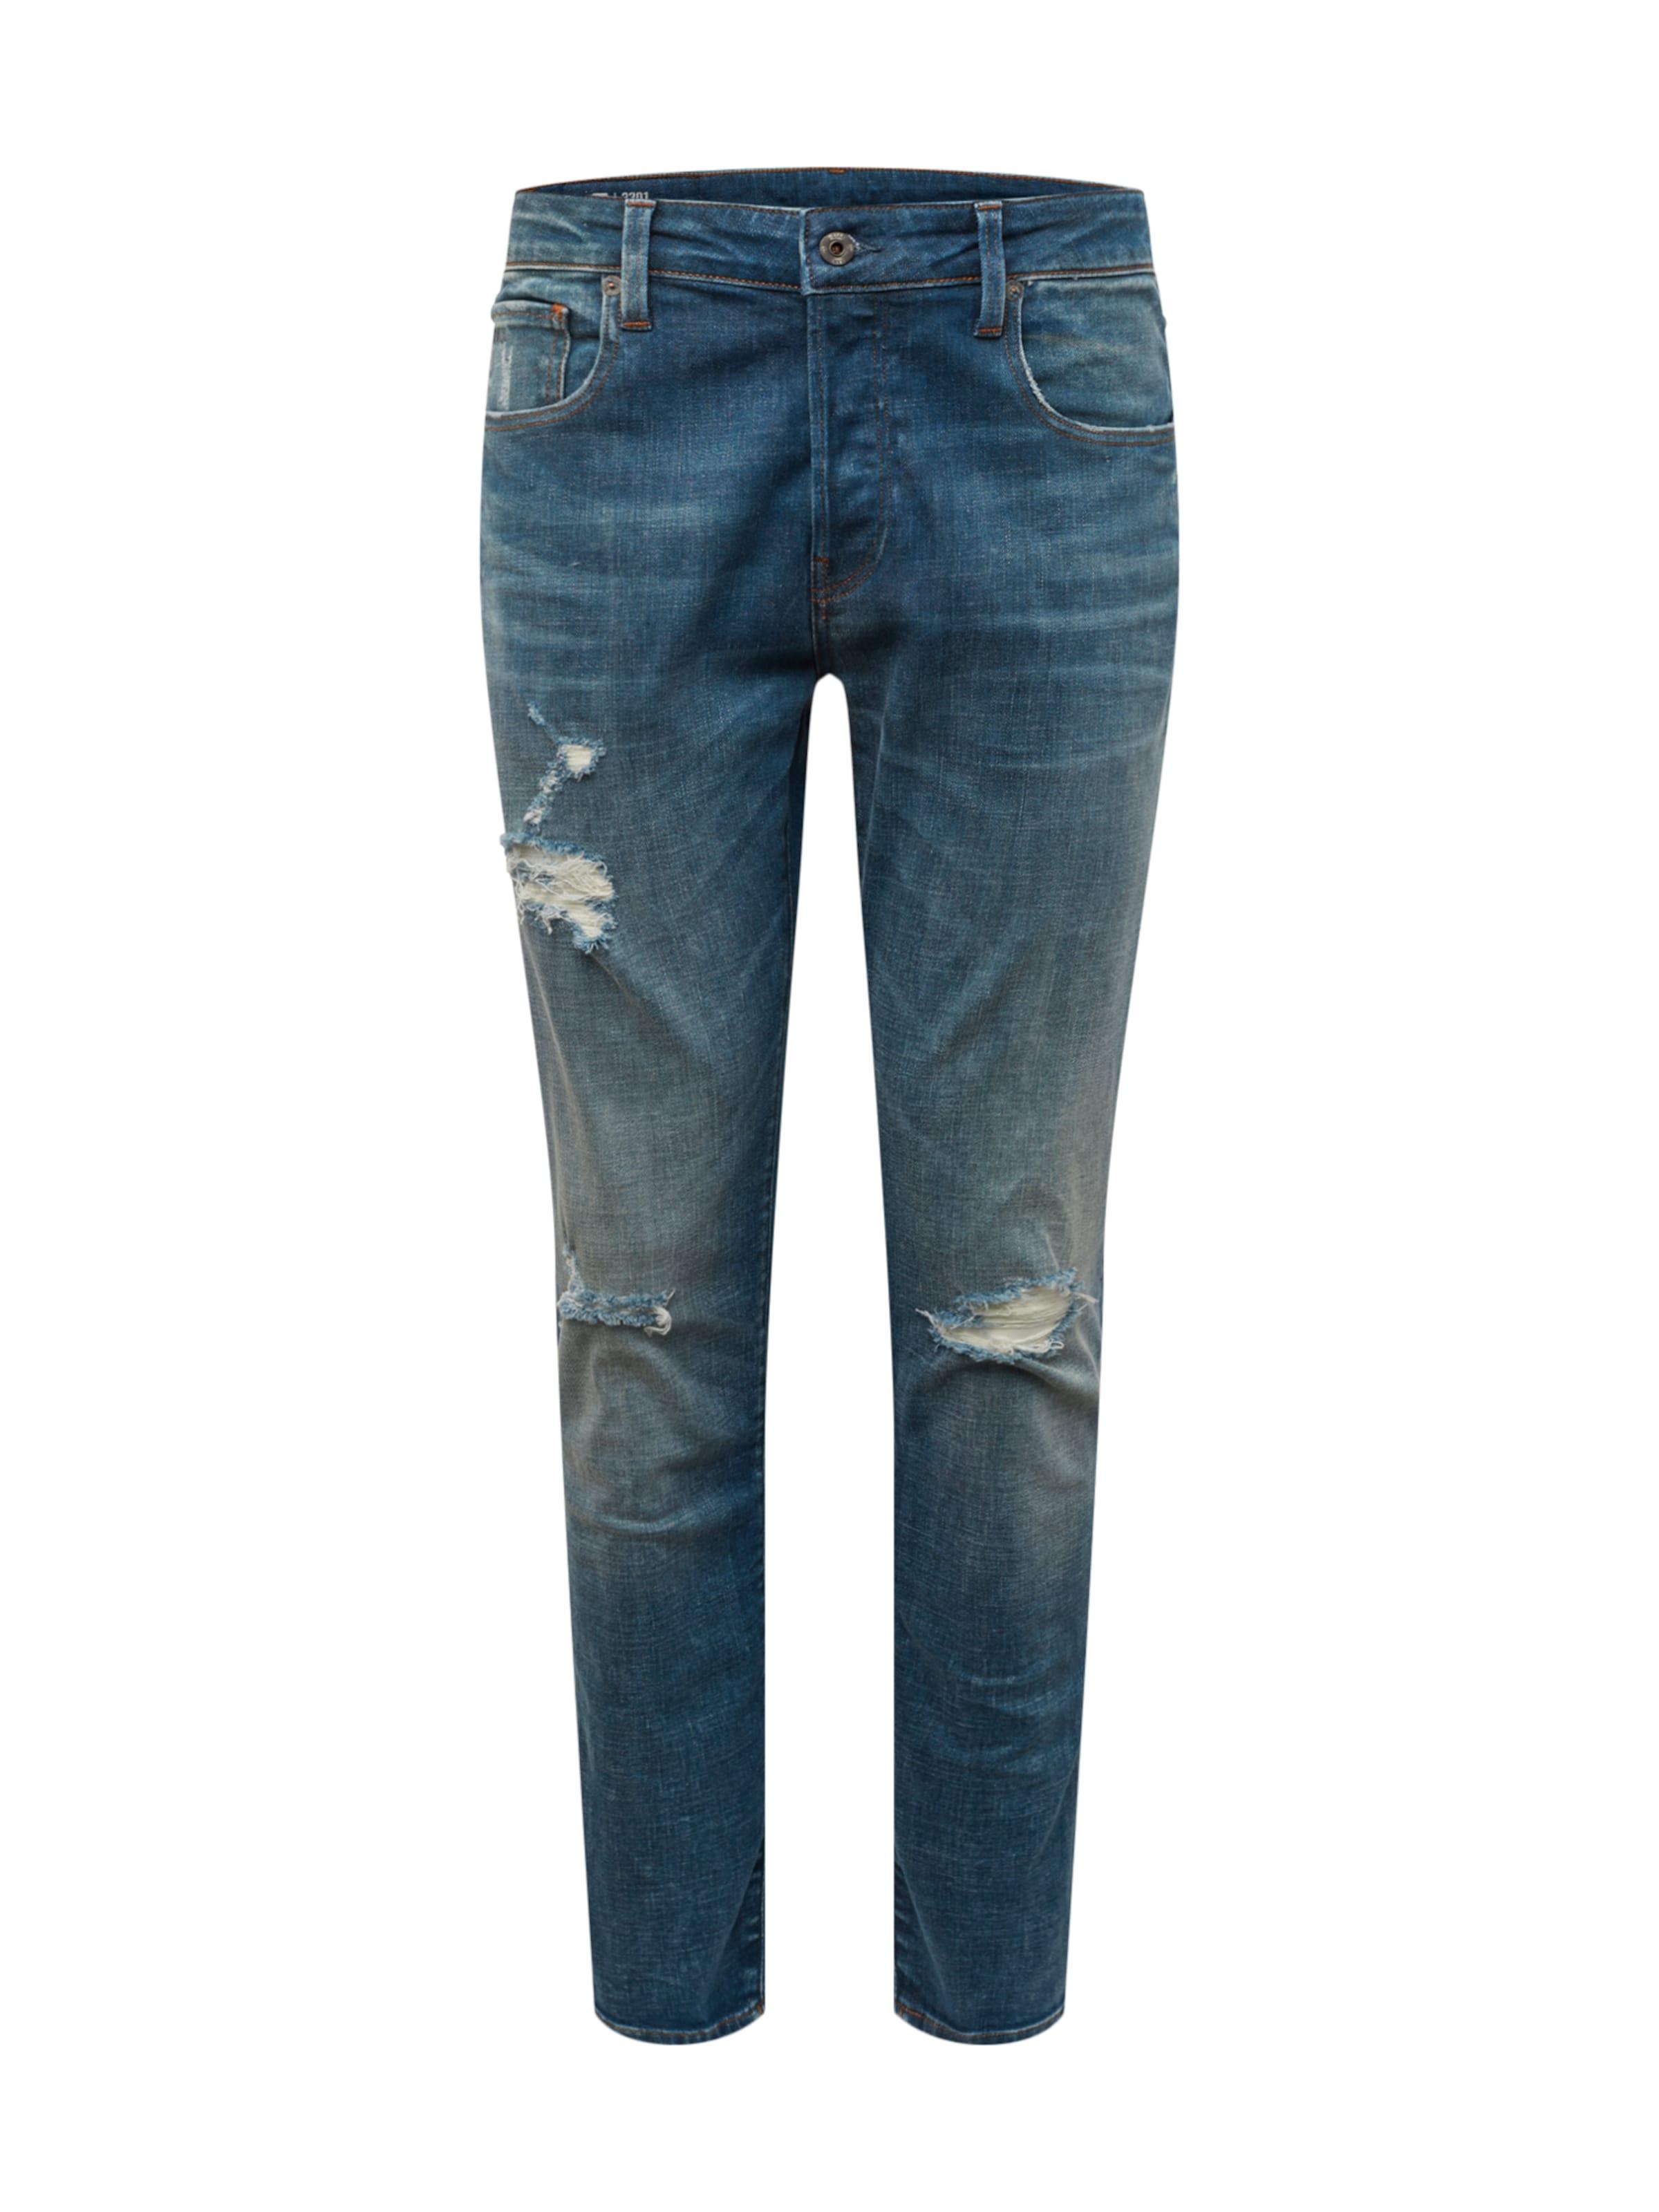 star Denim Slim' In Bleu G RawJean '3301 by7gf6Yv